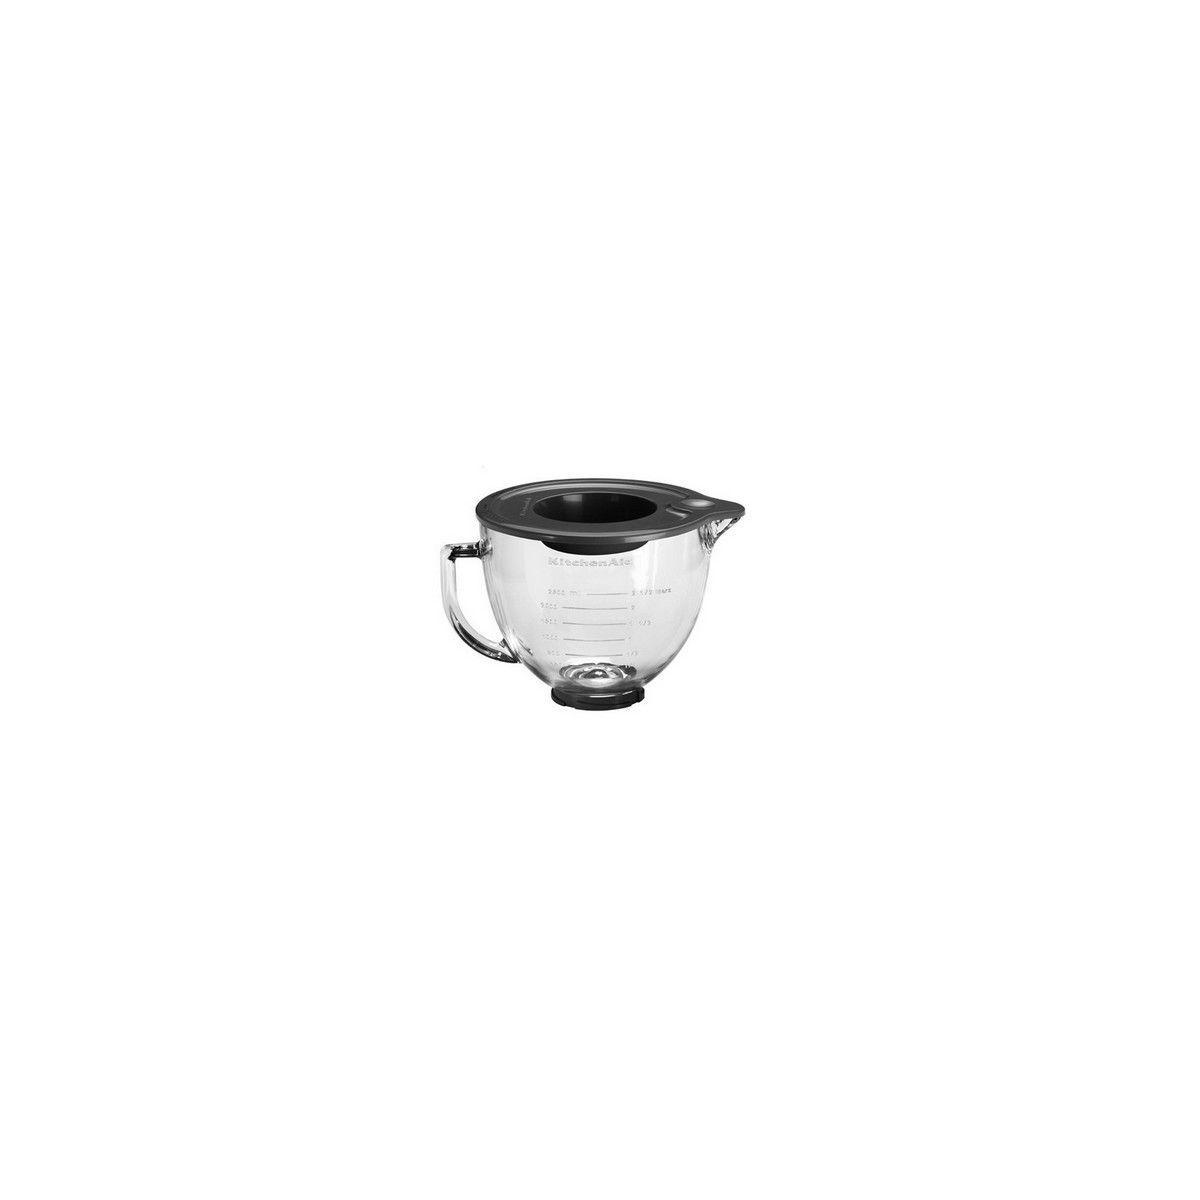 Bol kitchenaid 5k5gb bol verre pour robot socle artisan - livraison offerte : code premium (photo)